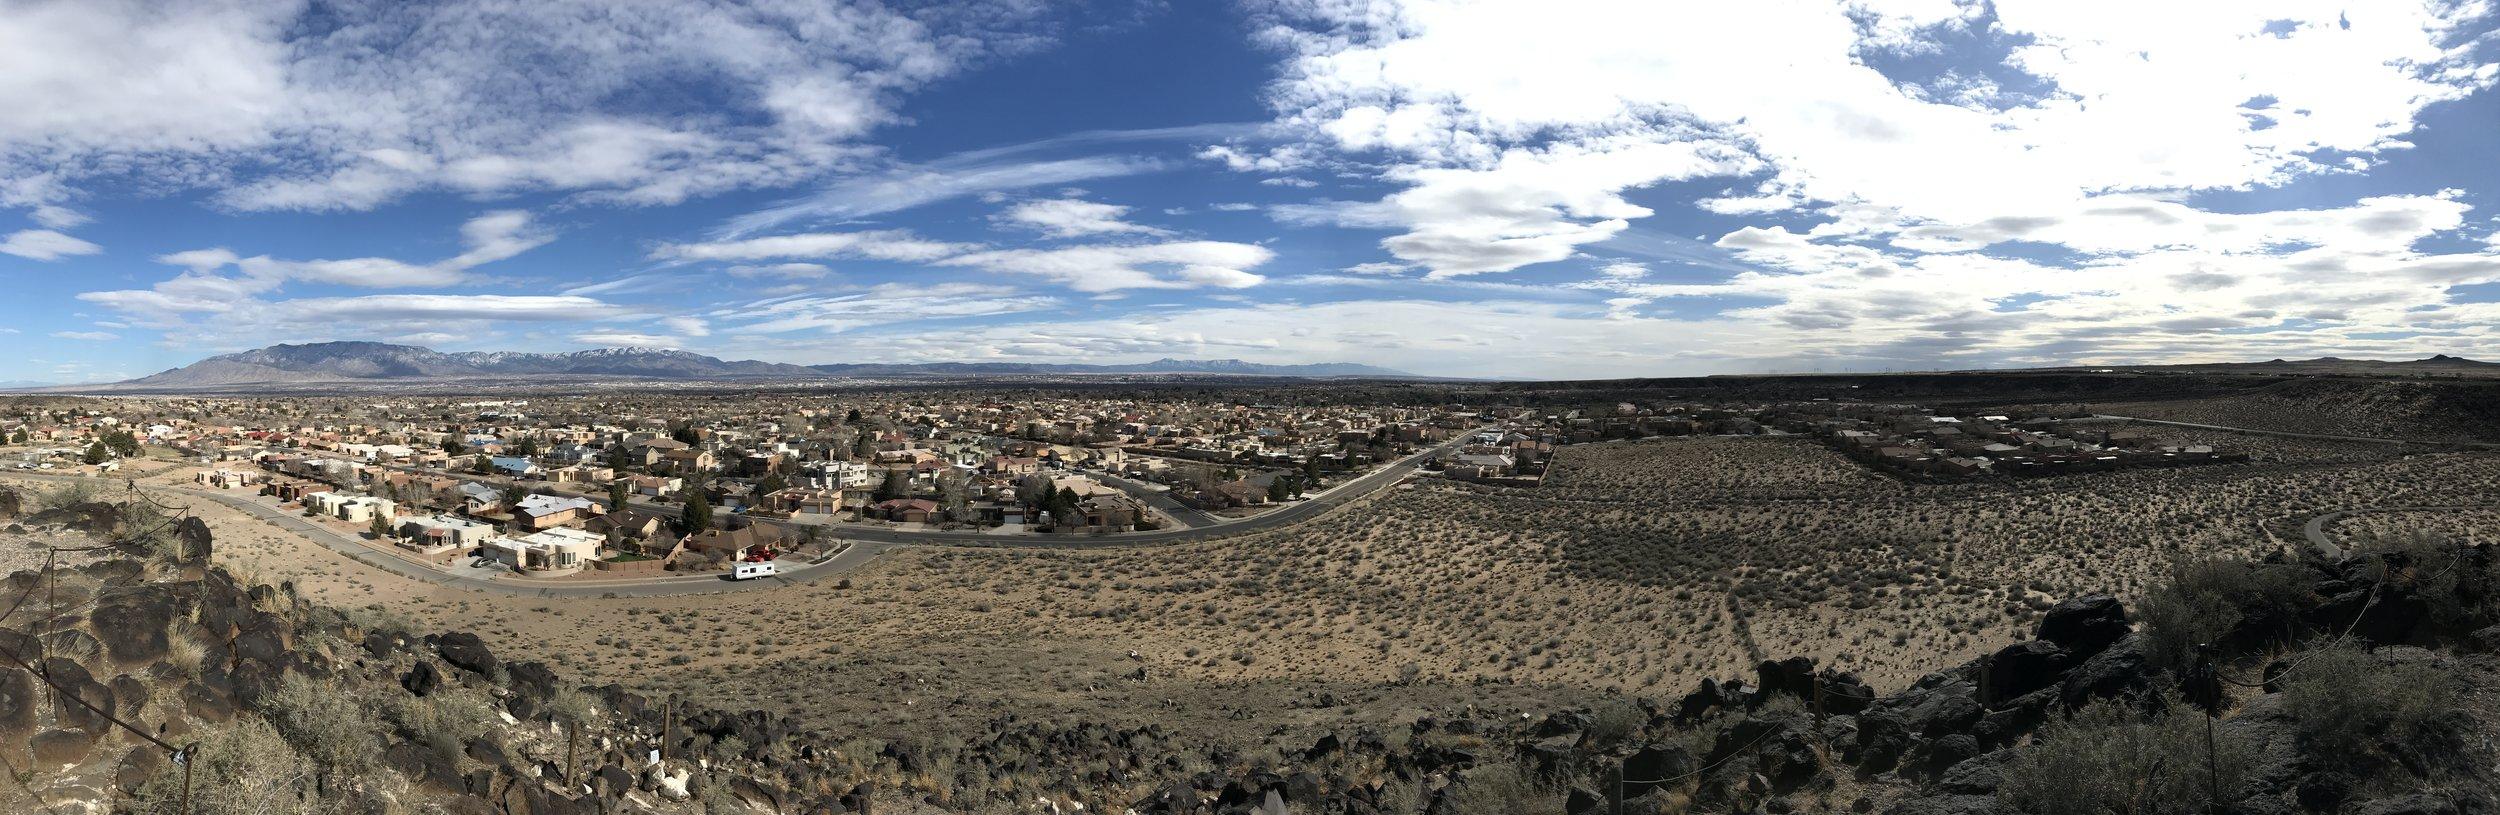 Boca Negra Canyon - Albuquerque